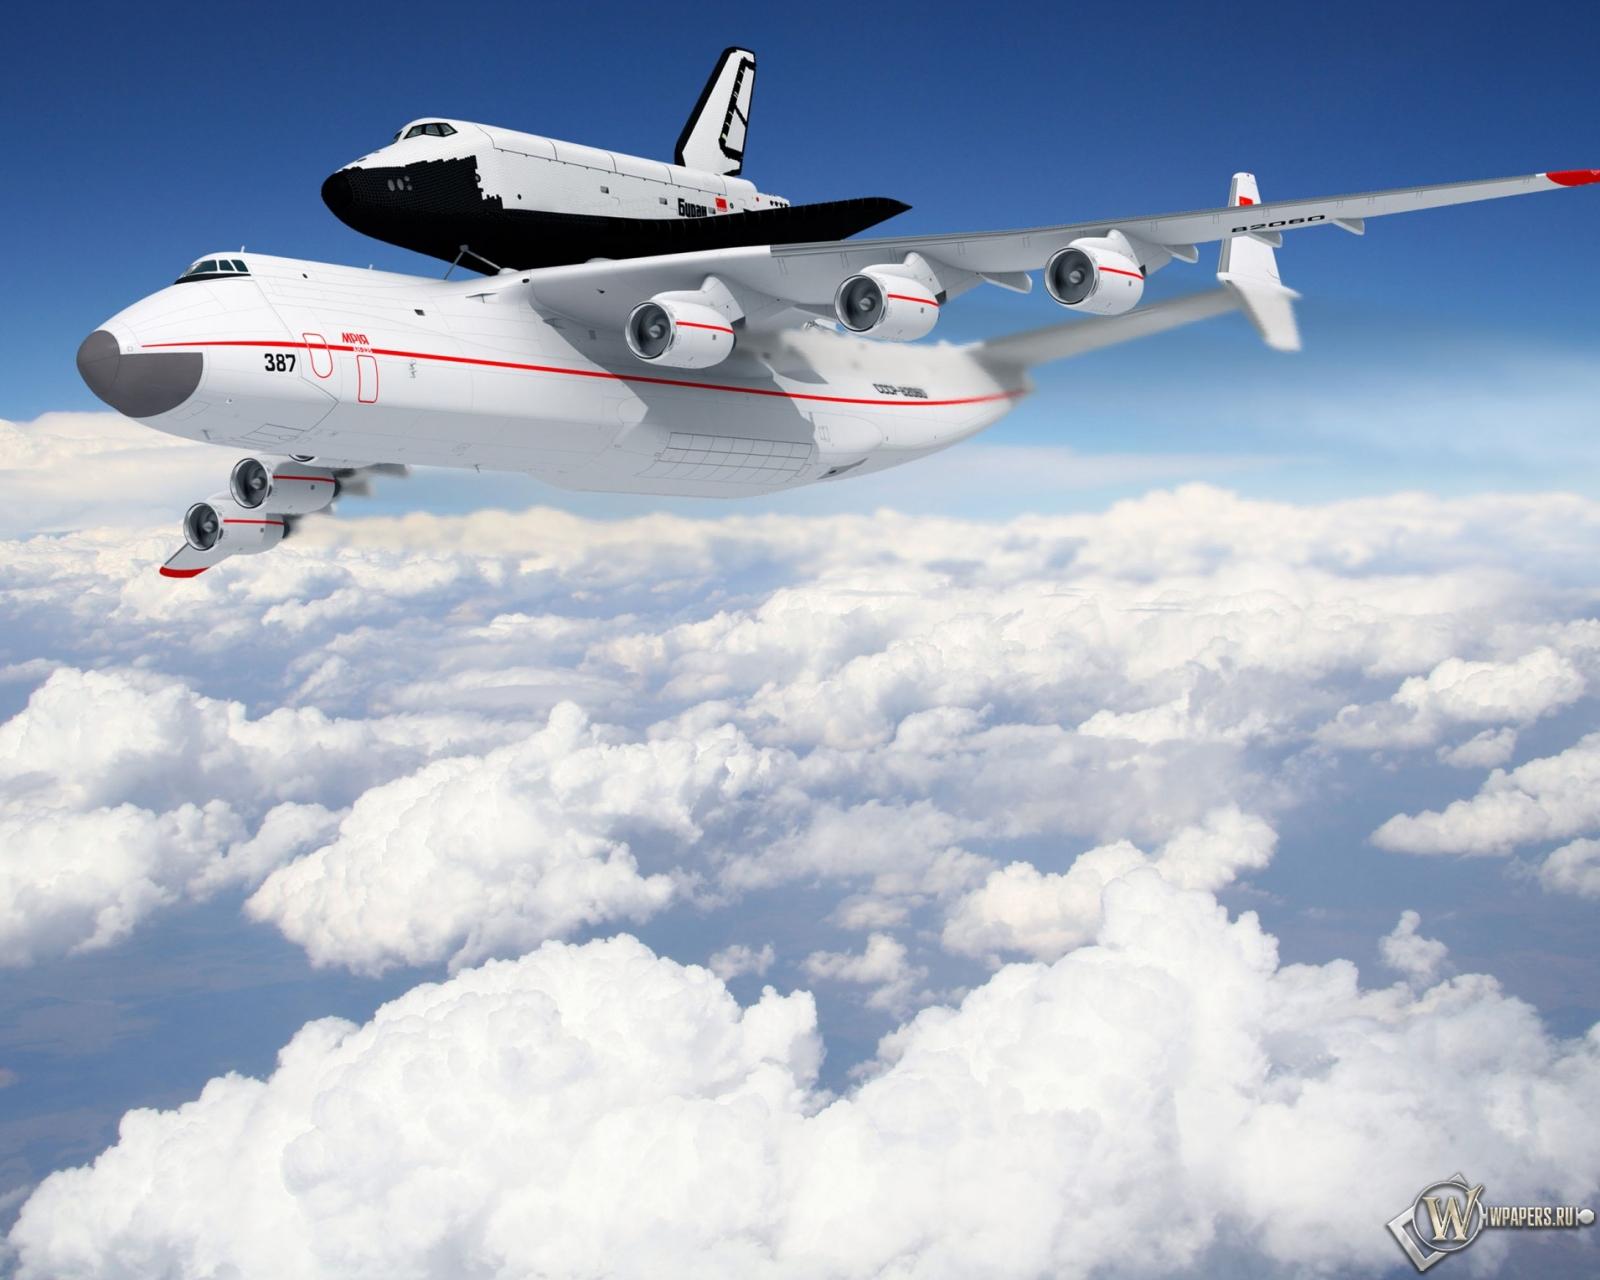 Самолет с челноком 1600x1280